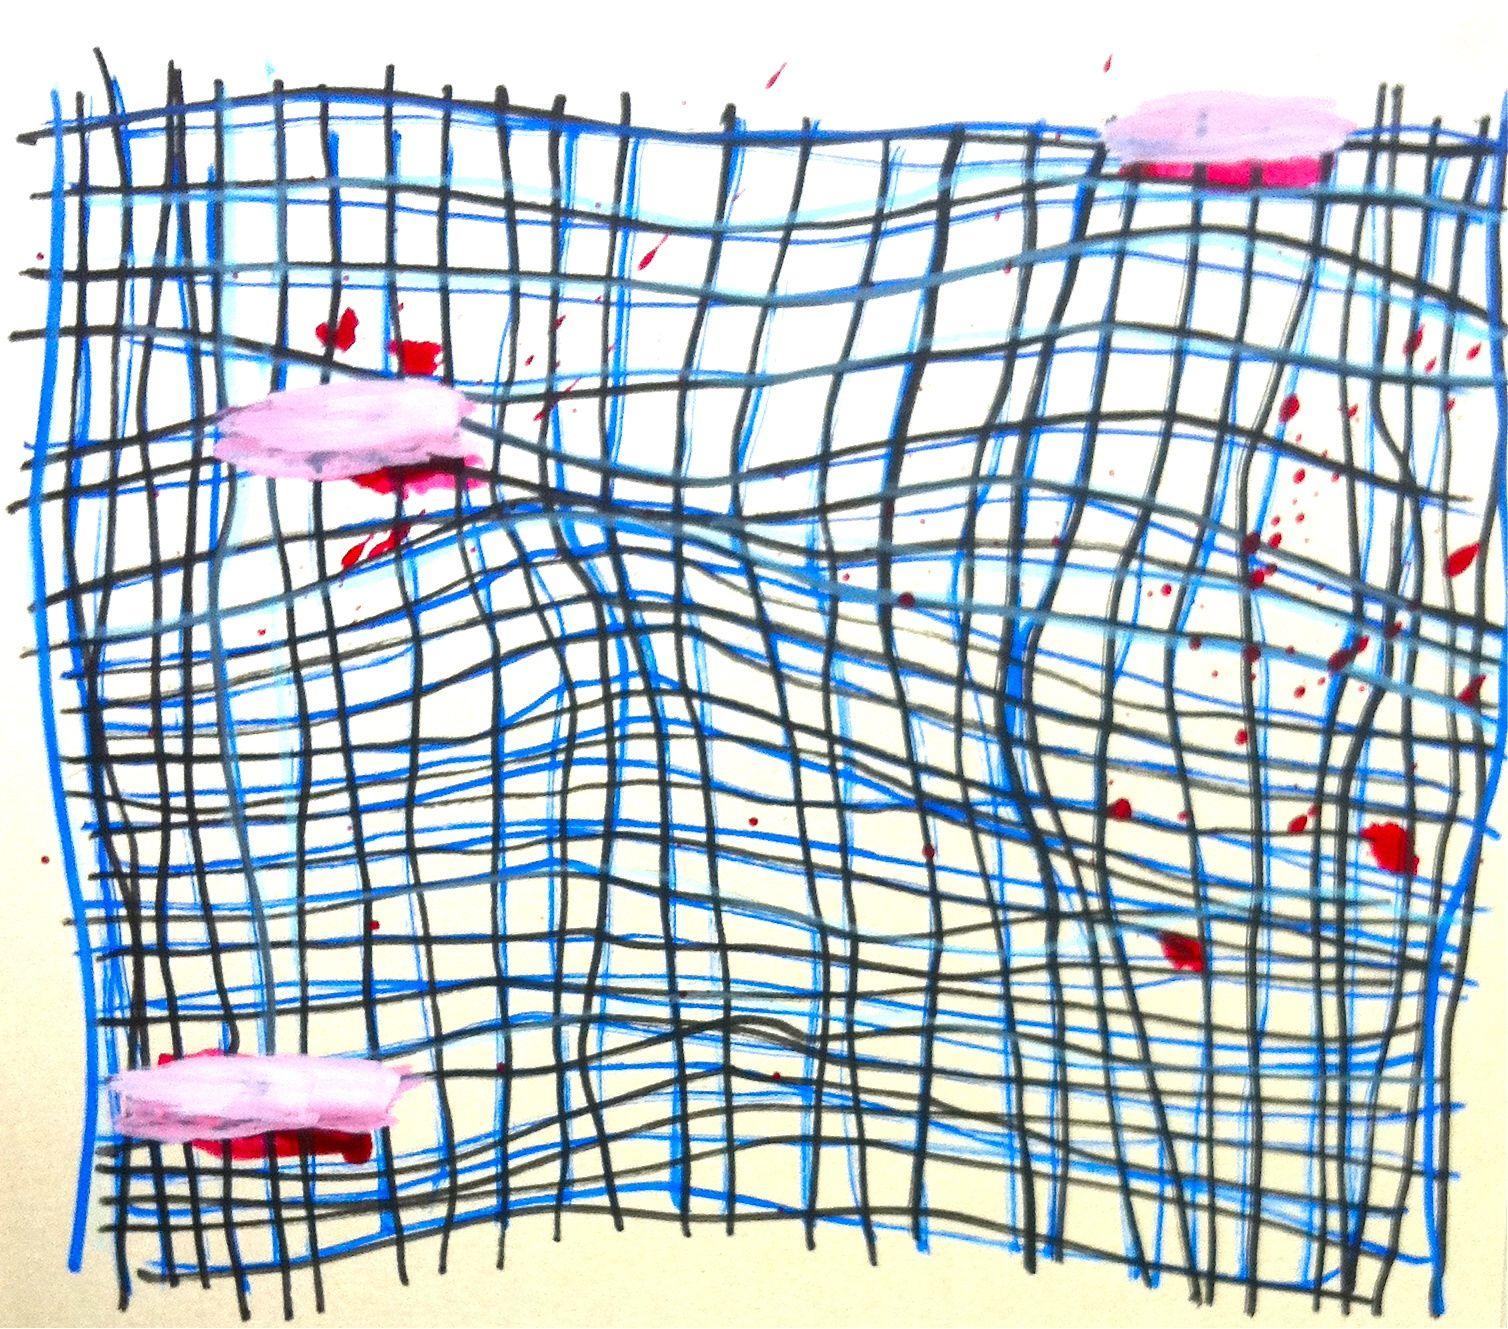 Cartographie d'un monde nouveau 2011 et 2012